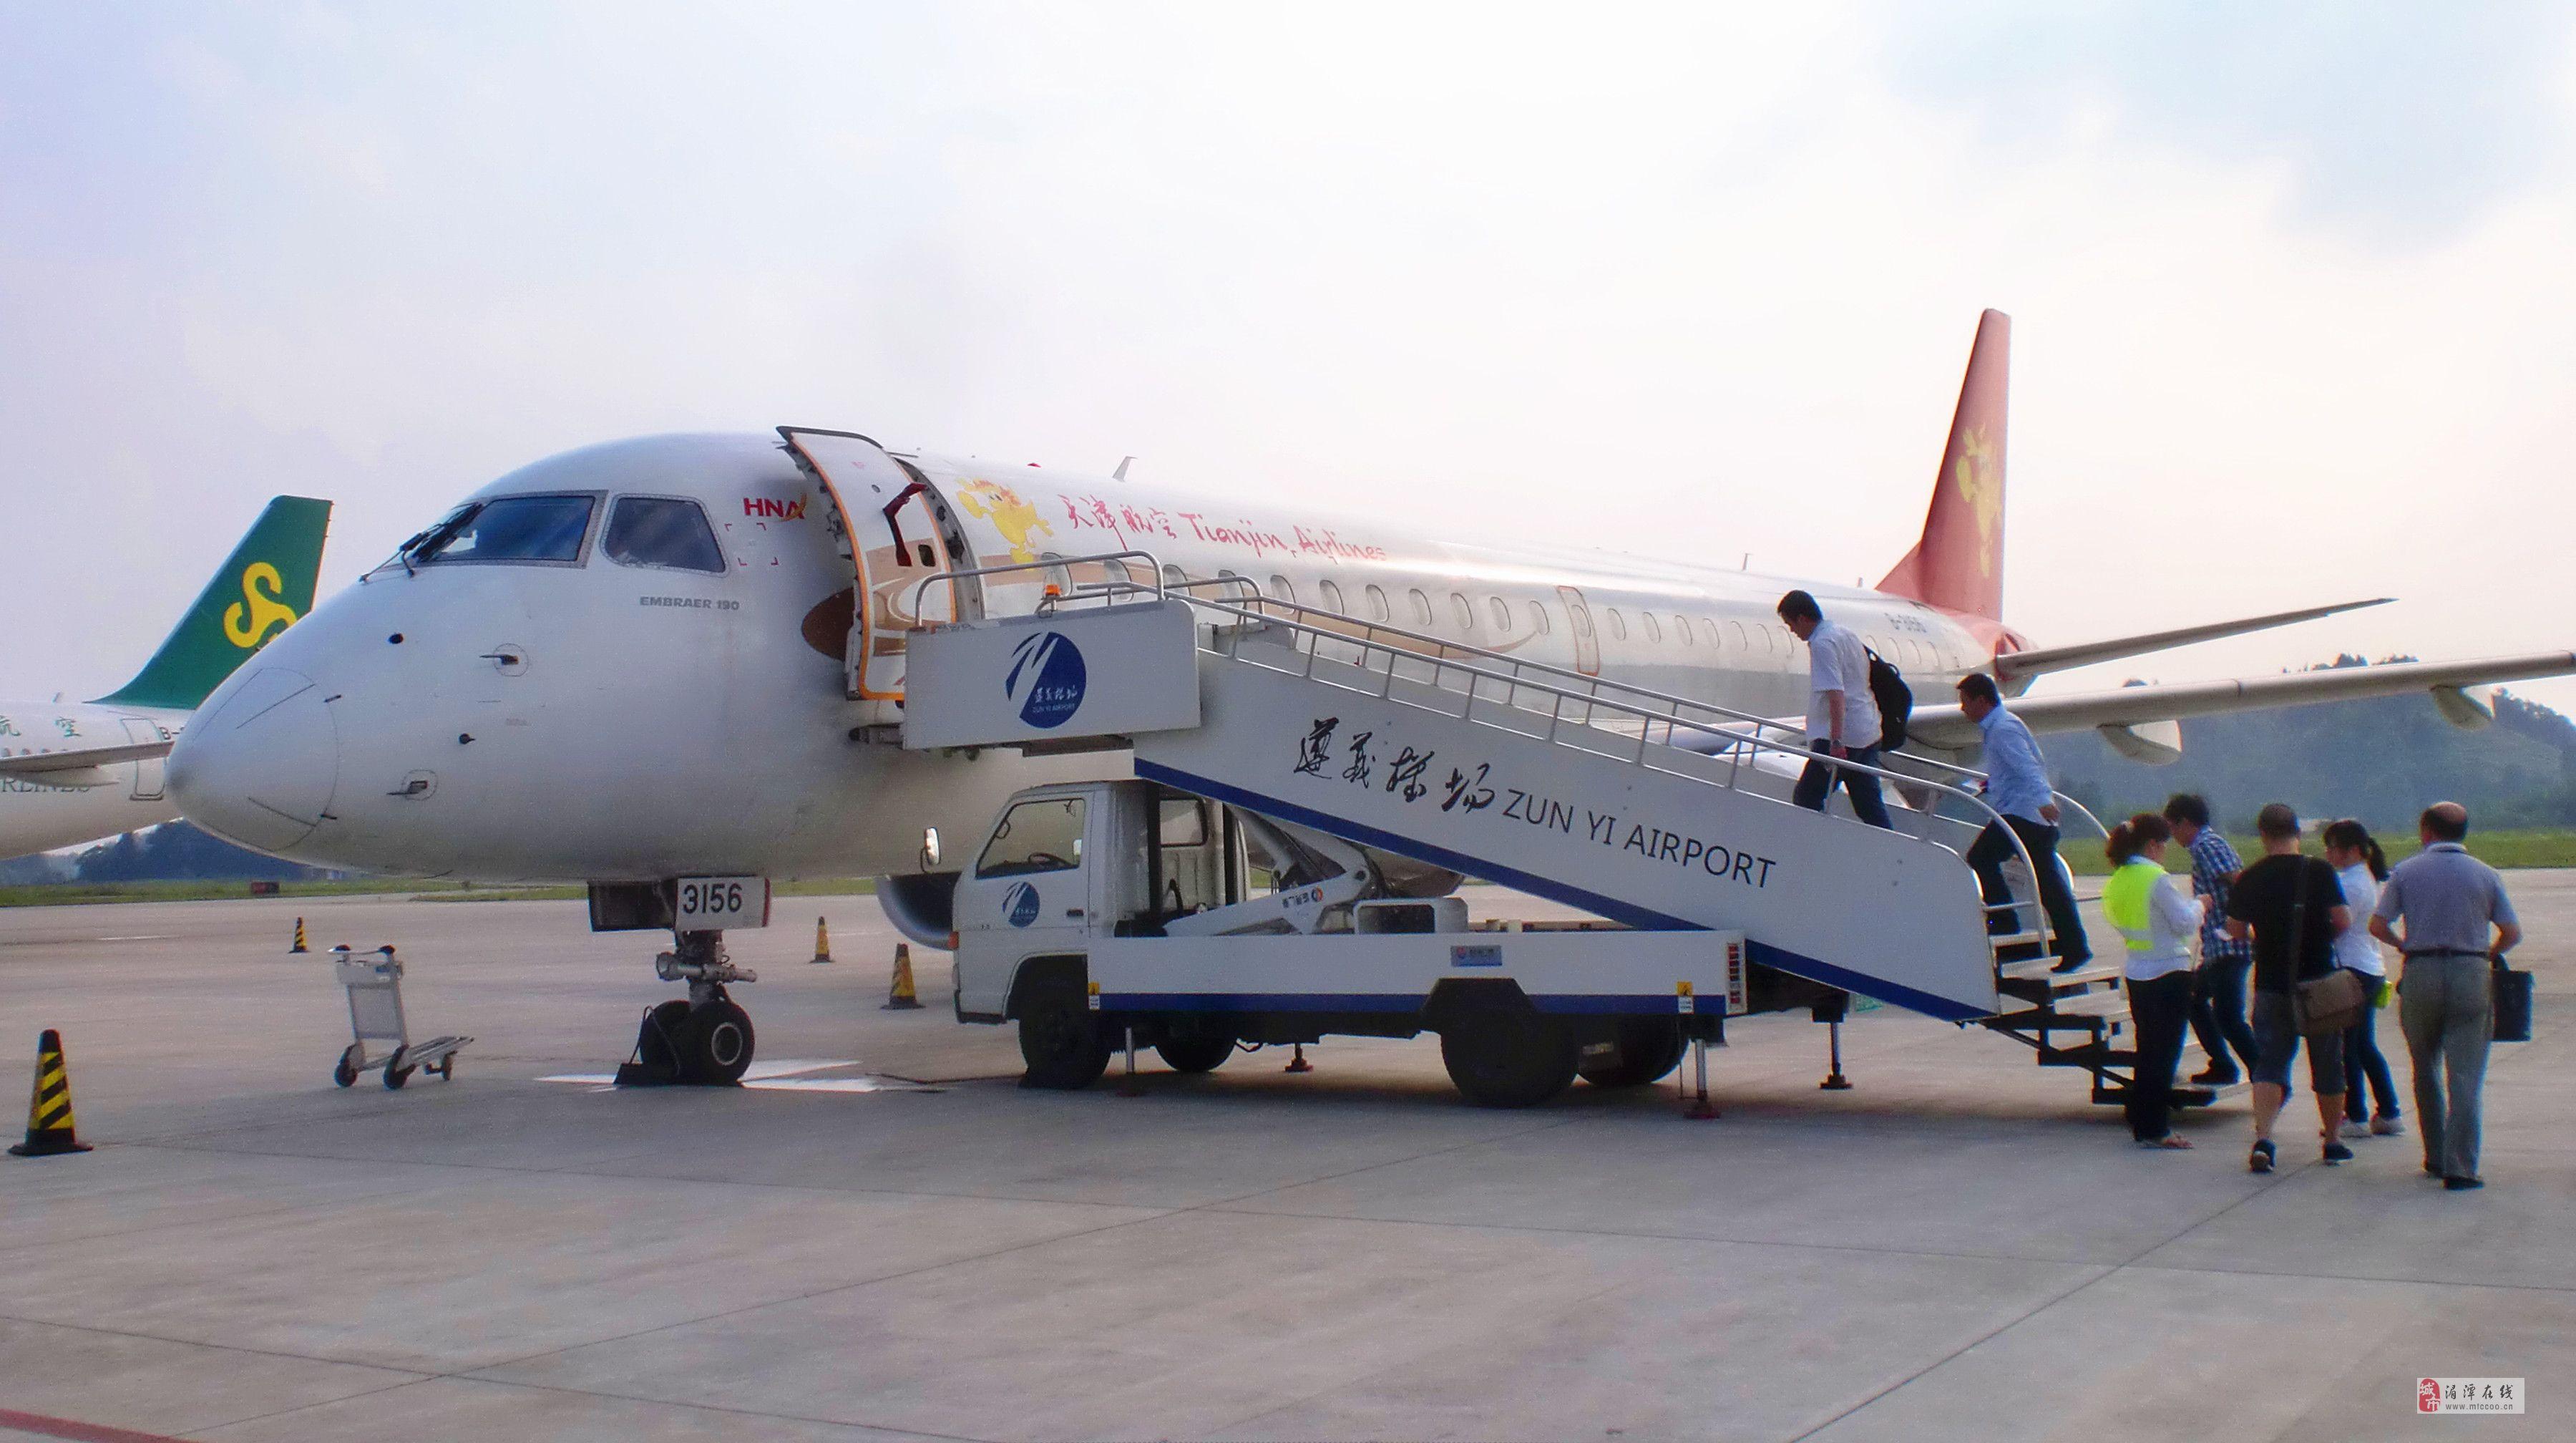 遵义机场图片_遵义机场航班时刻表